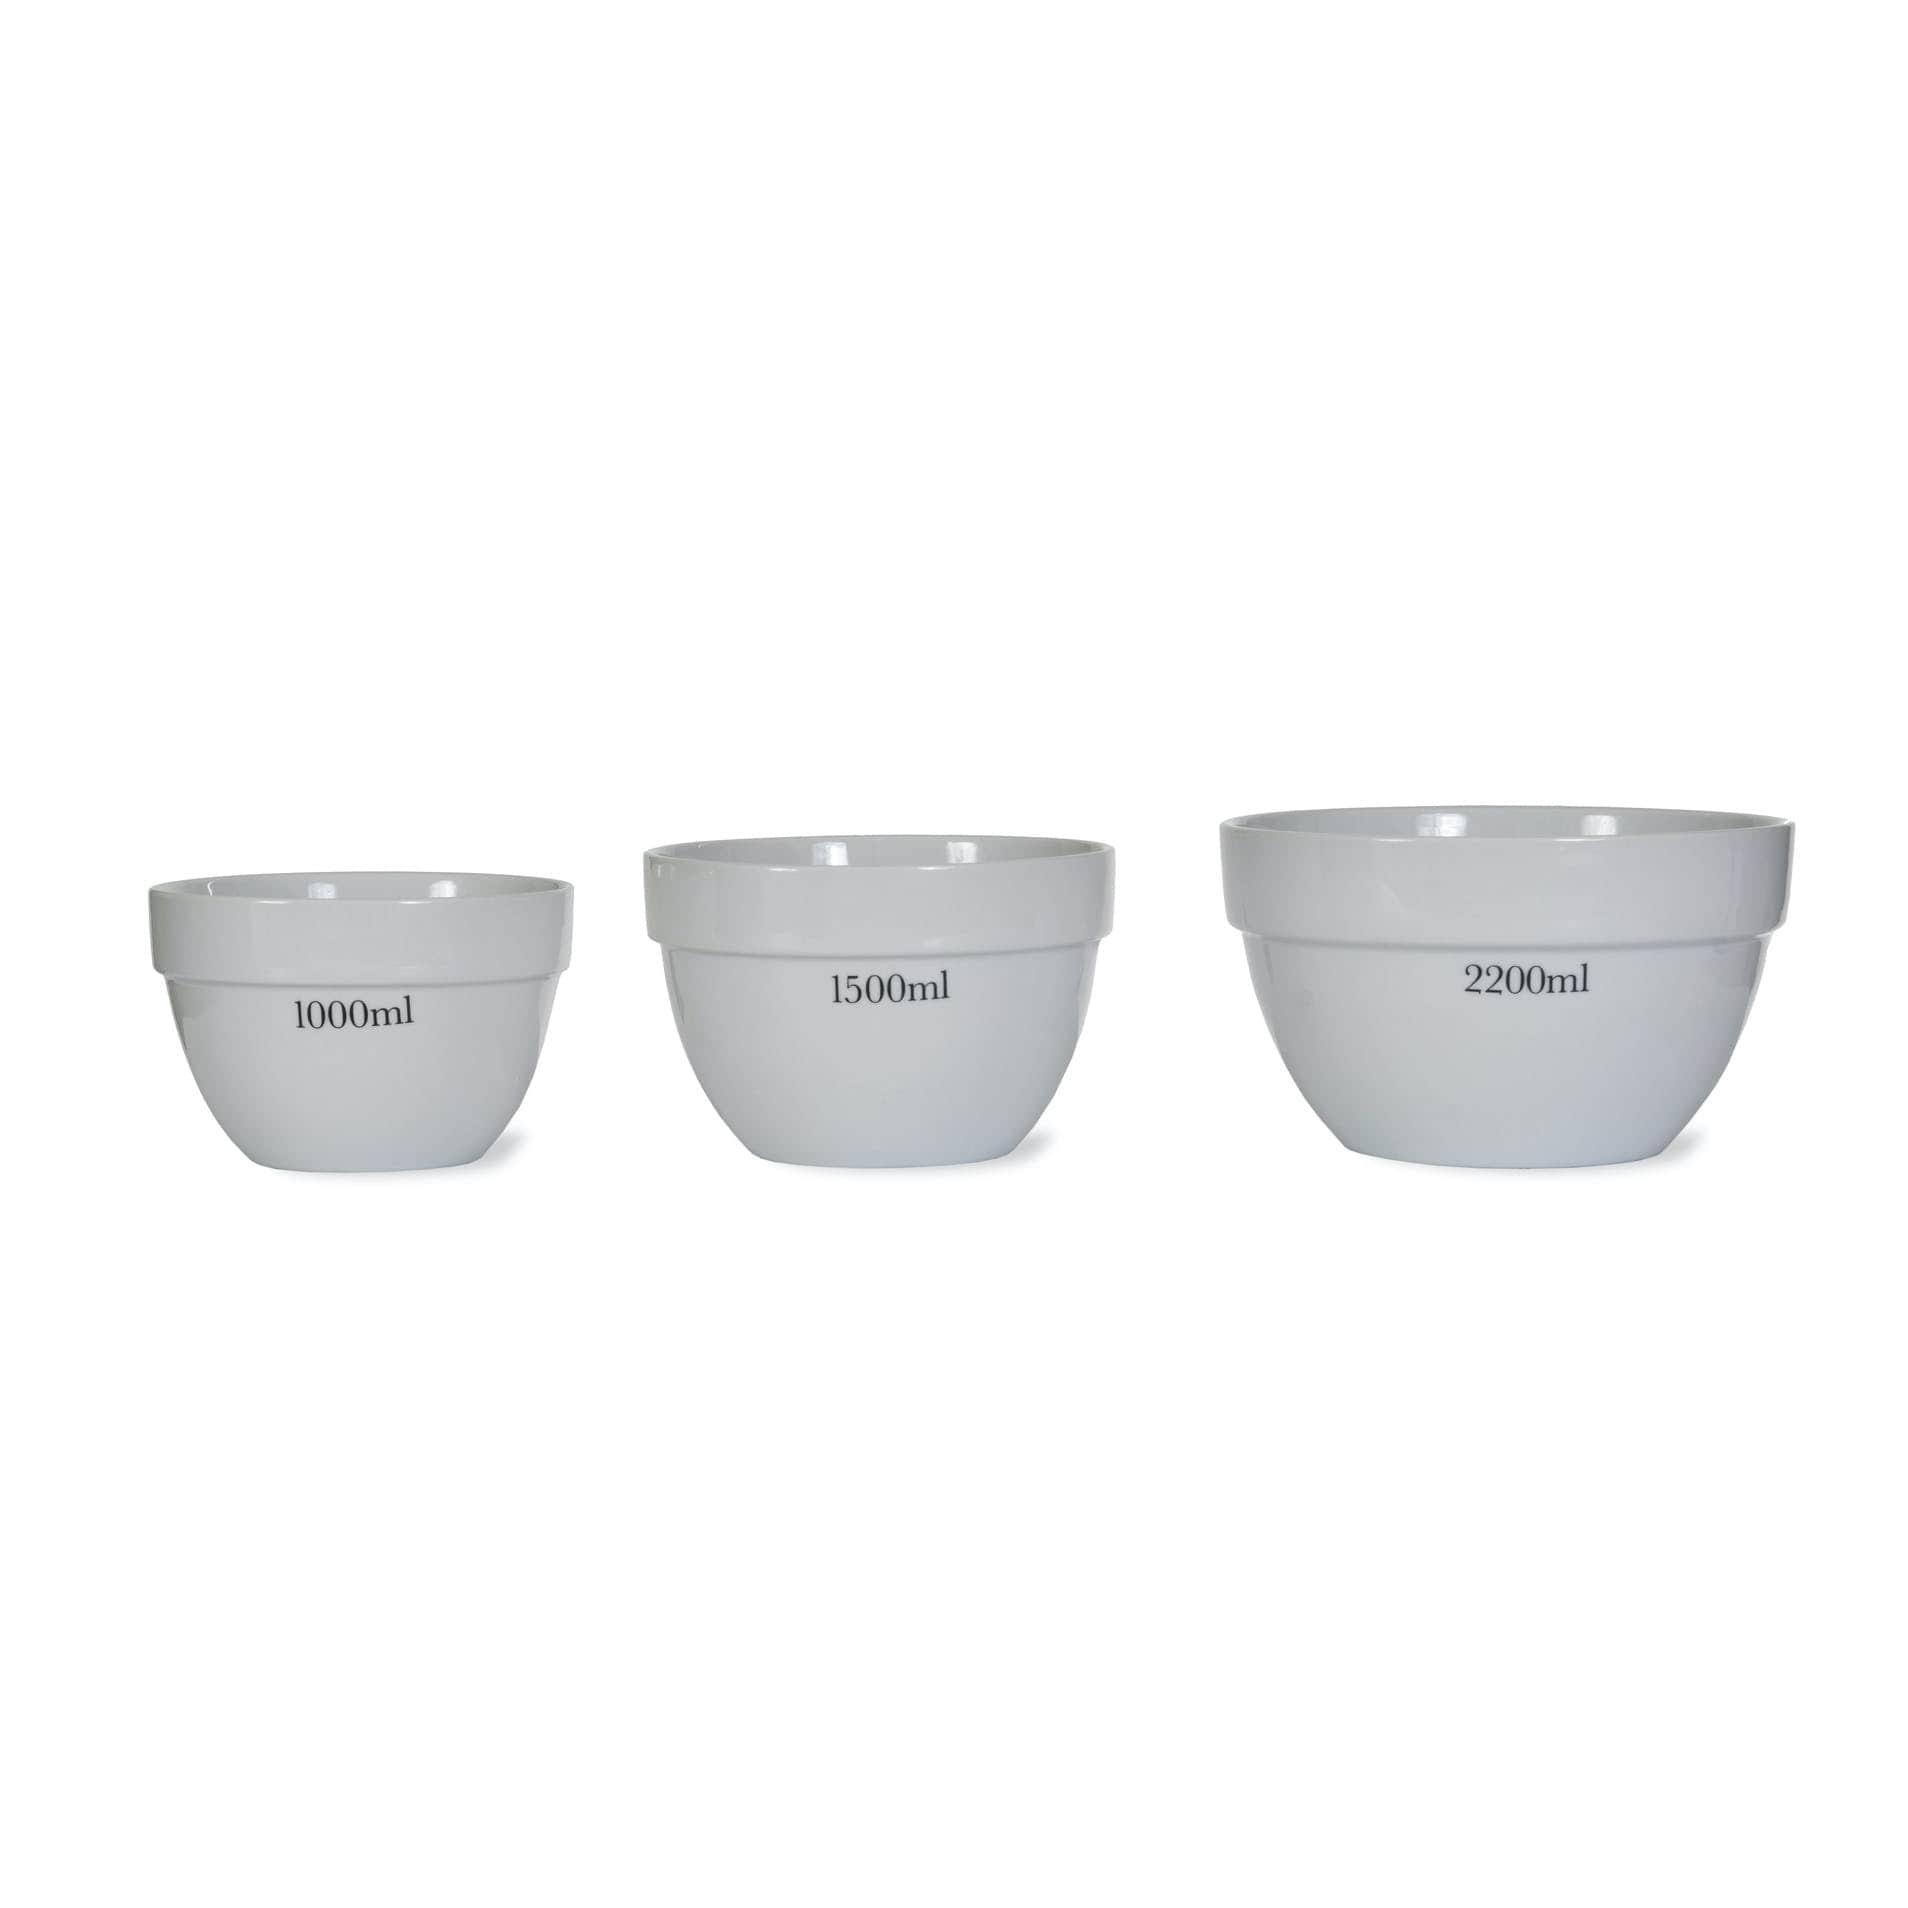 Garden Trading Porcelánová mísa s odměrkou Rialto - set 3 ks, bílá barva, porcelán